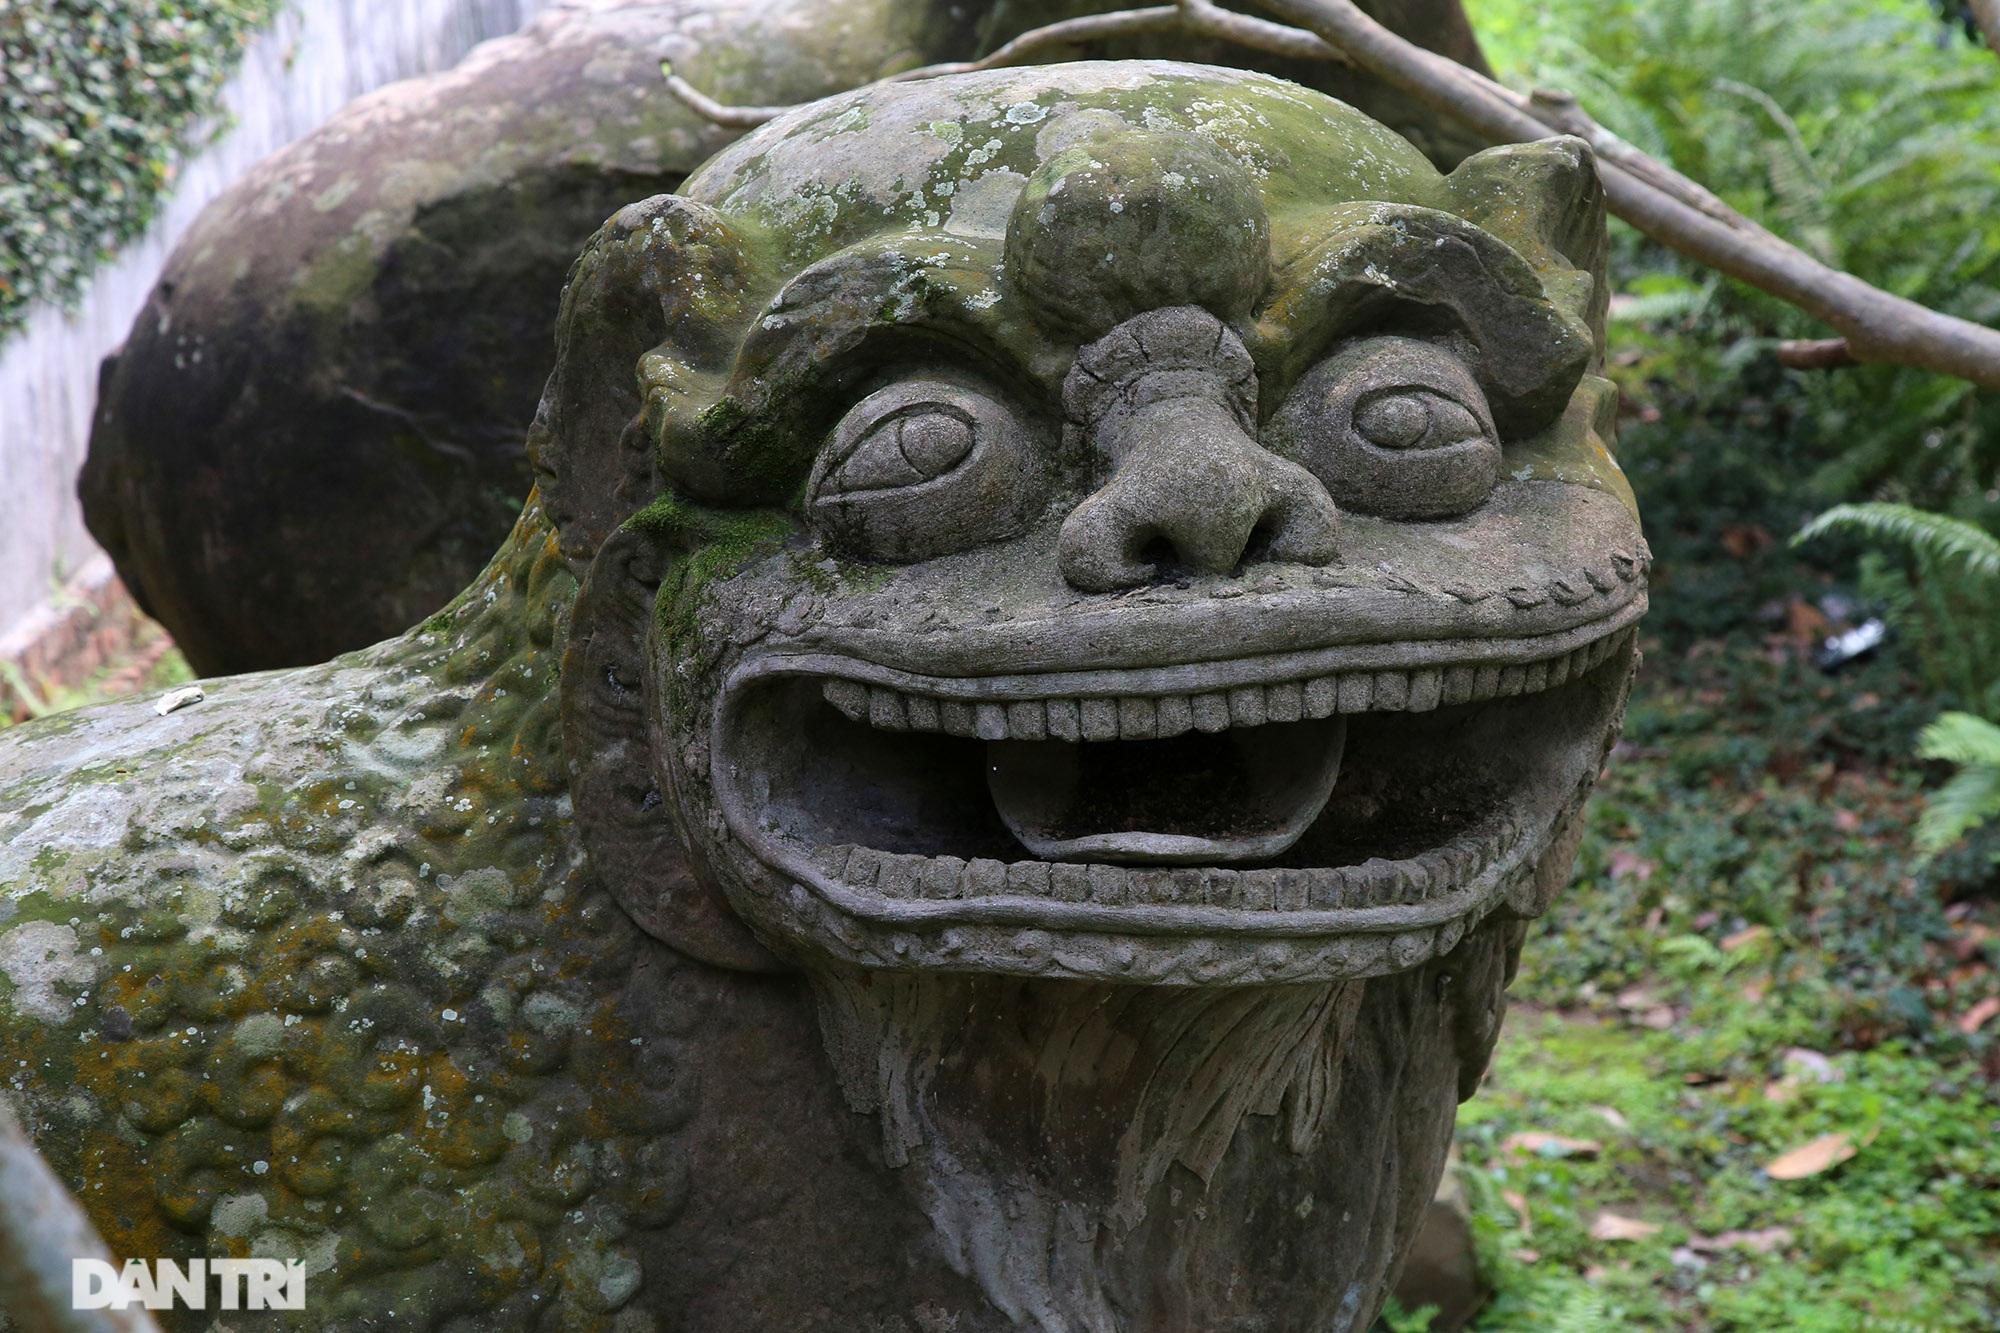 Kỳ lạ 10 linh thú đá nghìn năm tuổi canh gác chùa Phật Tích - 10